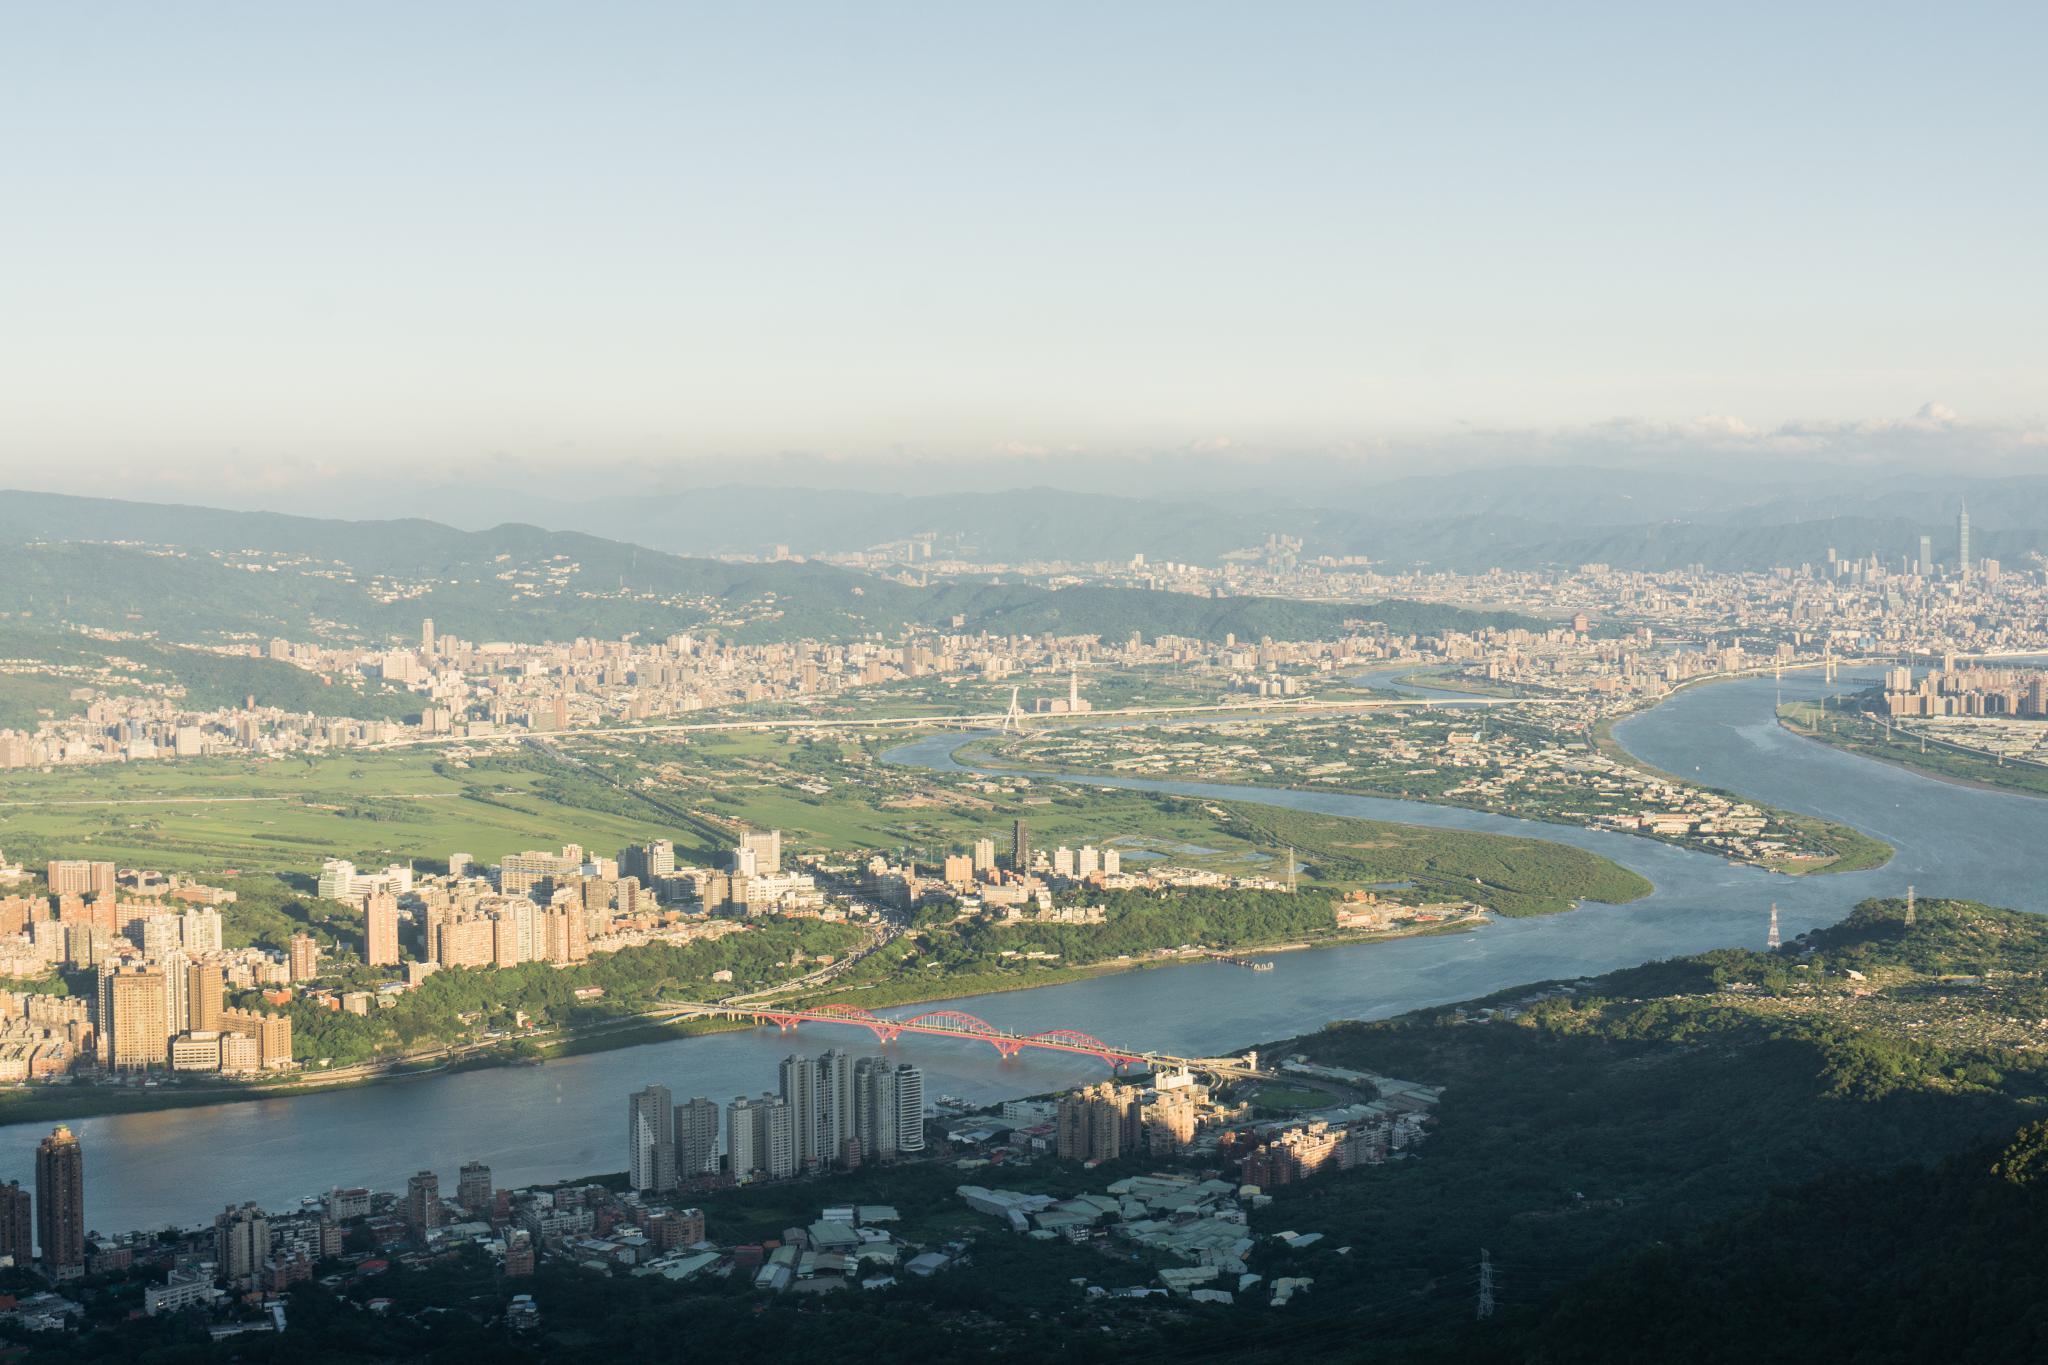 【臺北】觀音山硬漢嶺 — 瞭望大台北地區最推薦的觀景台 7